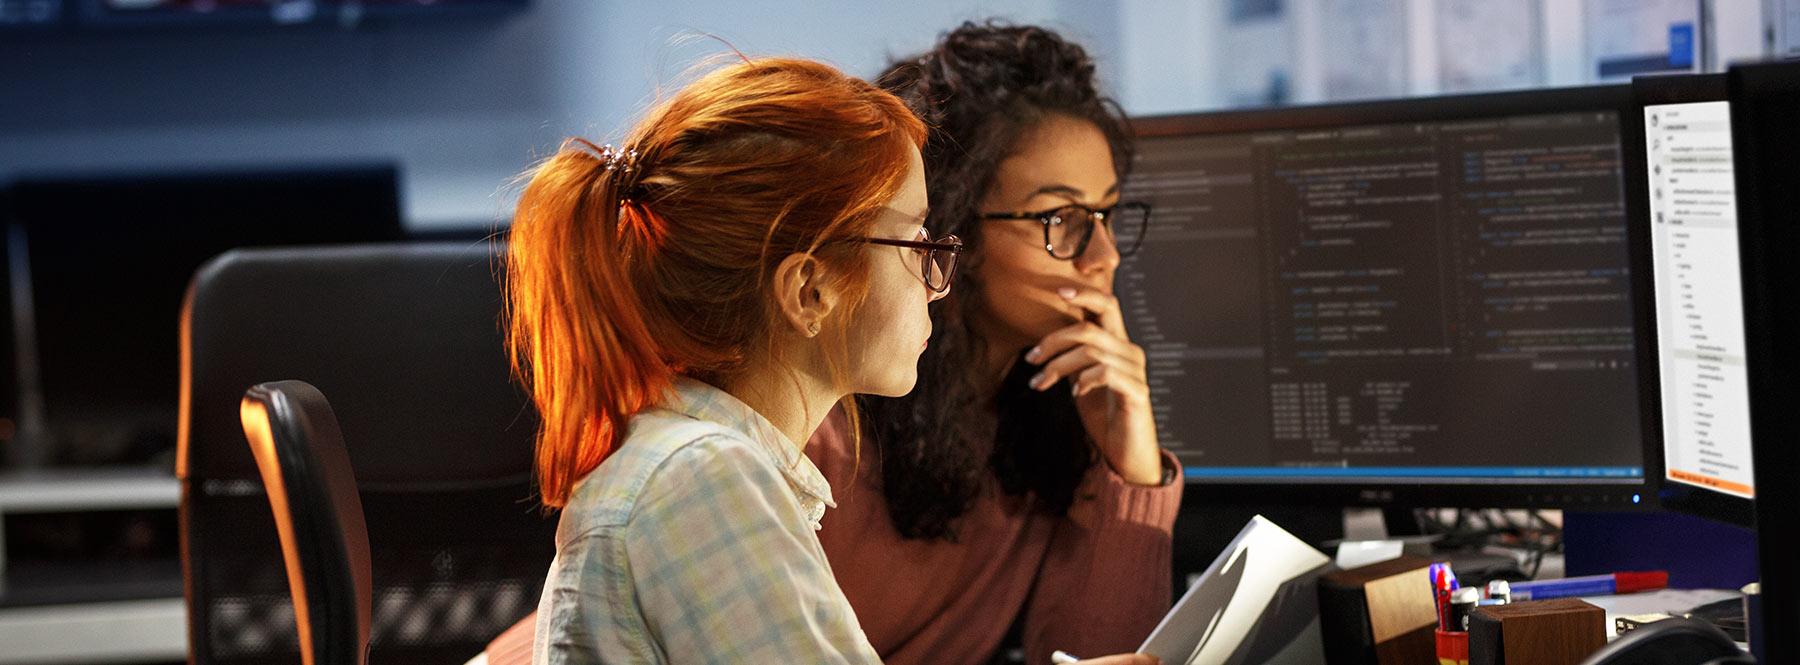 CodeOp: del lenguaje a la programación sin sesgo de género